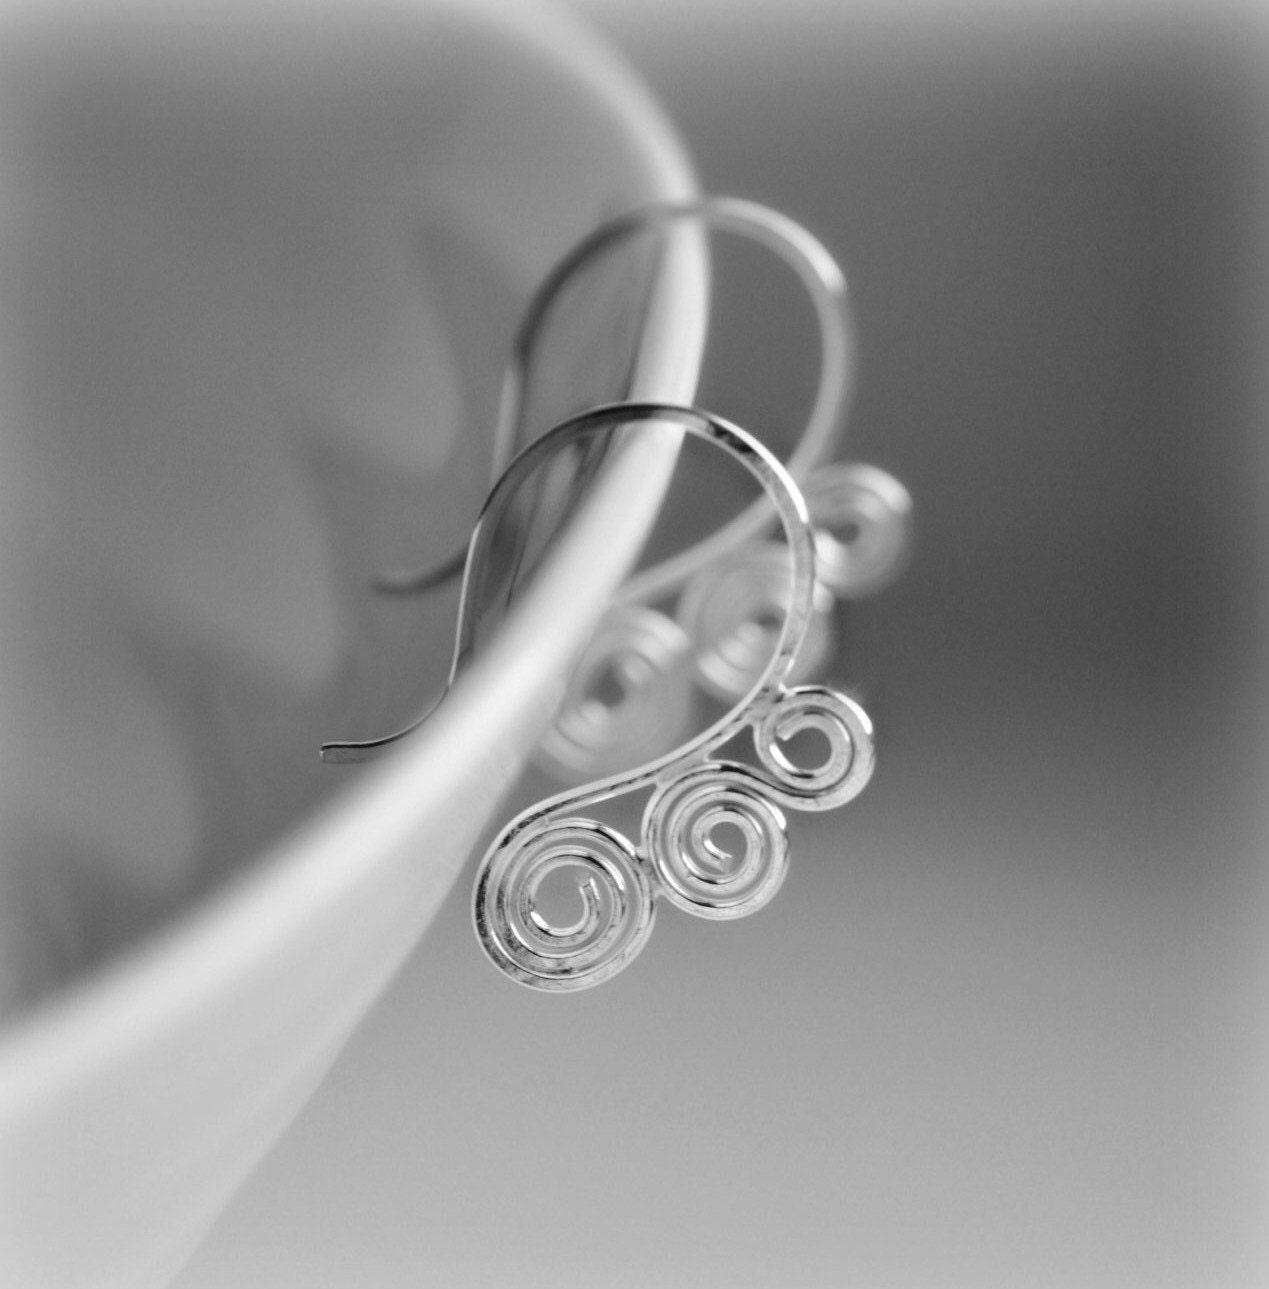 Sterling Silver Hoop Earrings Swirl Hoop Earrings Gift for Her Silver Hoop Earrings Sterling Silver Earrings  Handmade by Blissaria